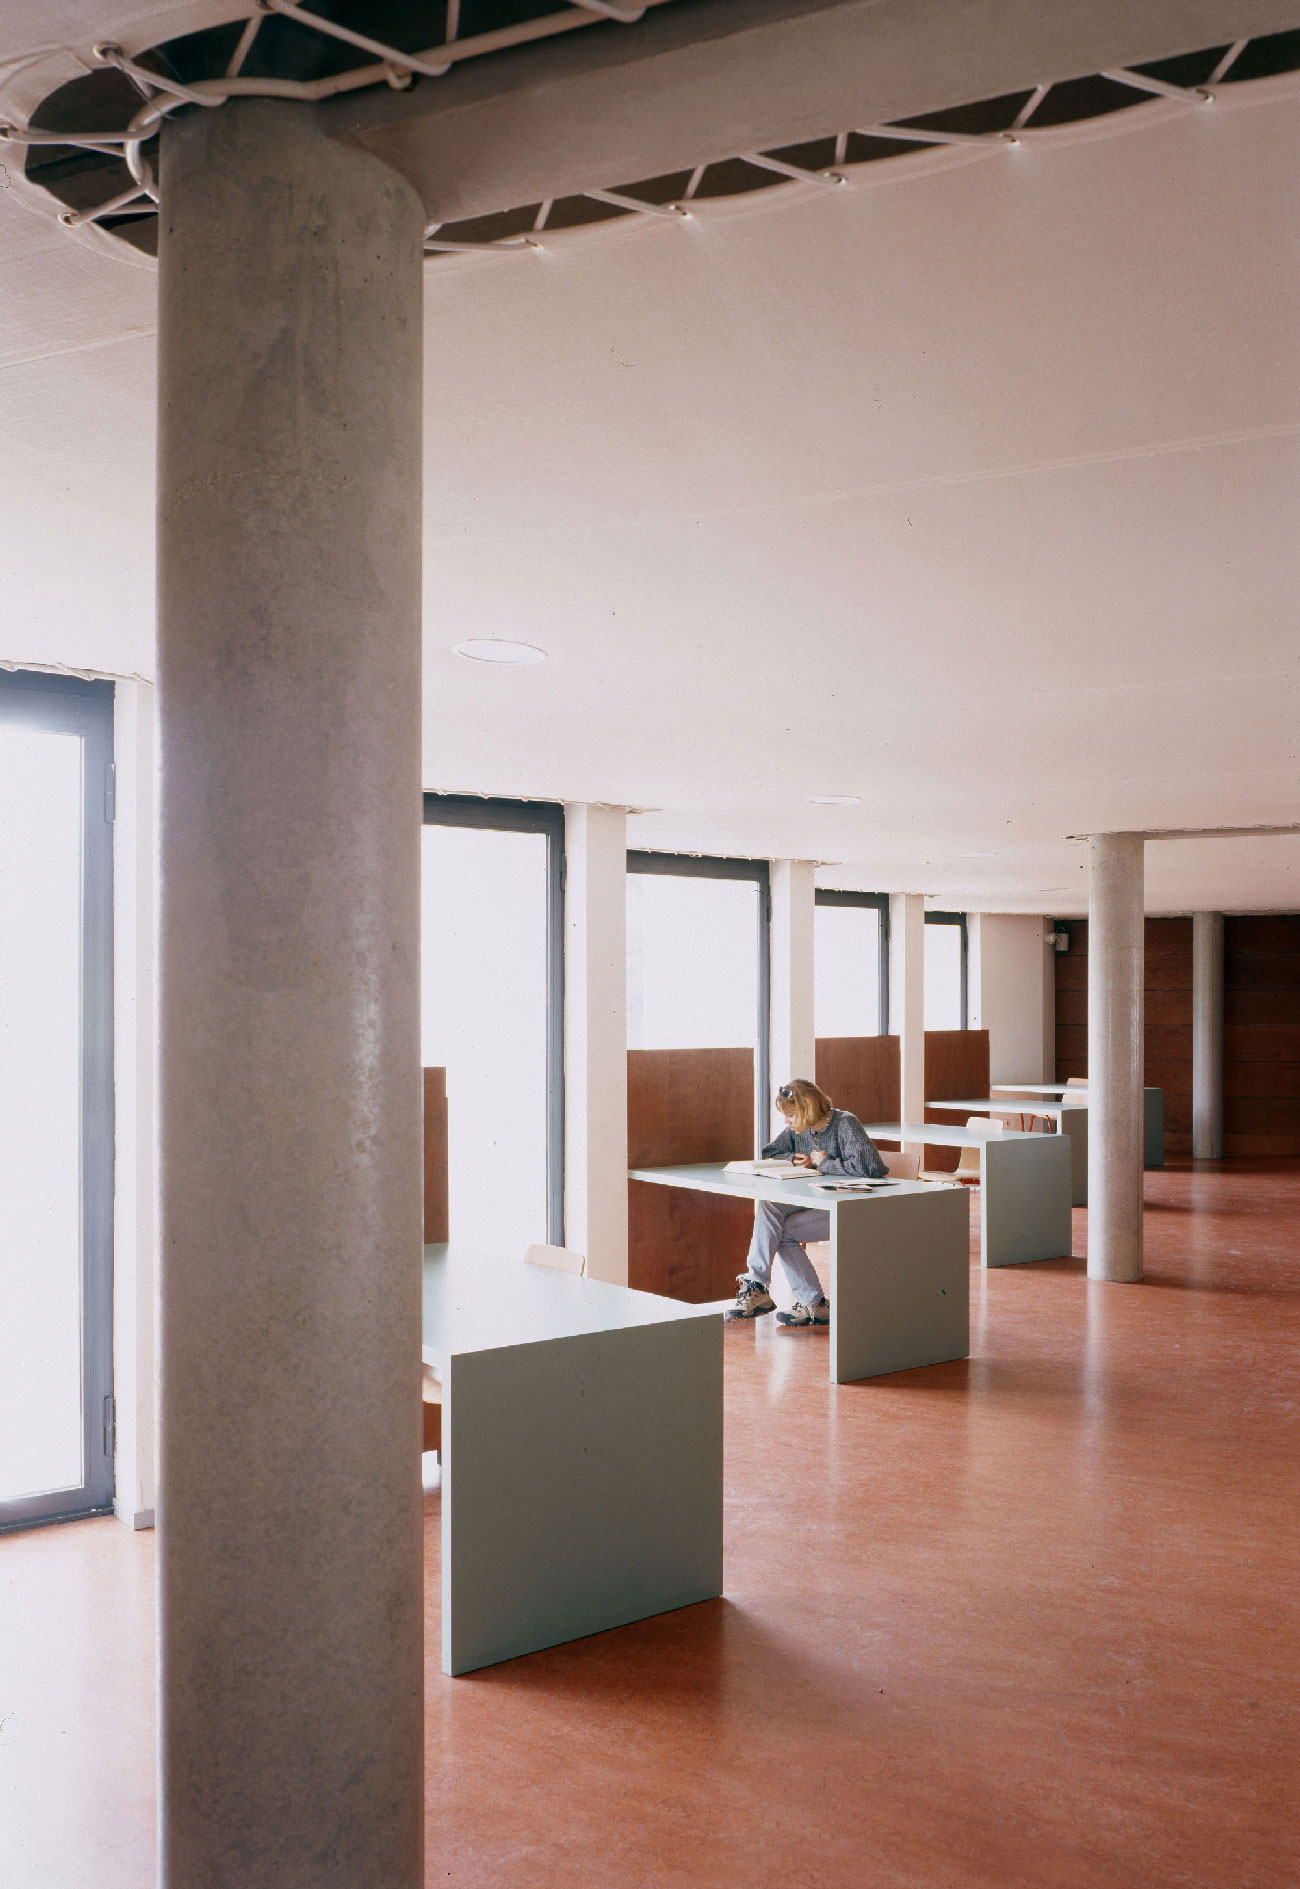 Bibliothèque universitaire Paul Valéry - Montpellier - TAUTEM Architecture - bureaux de travail